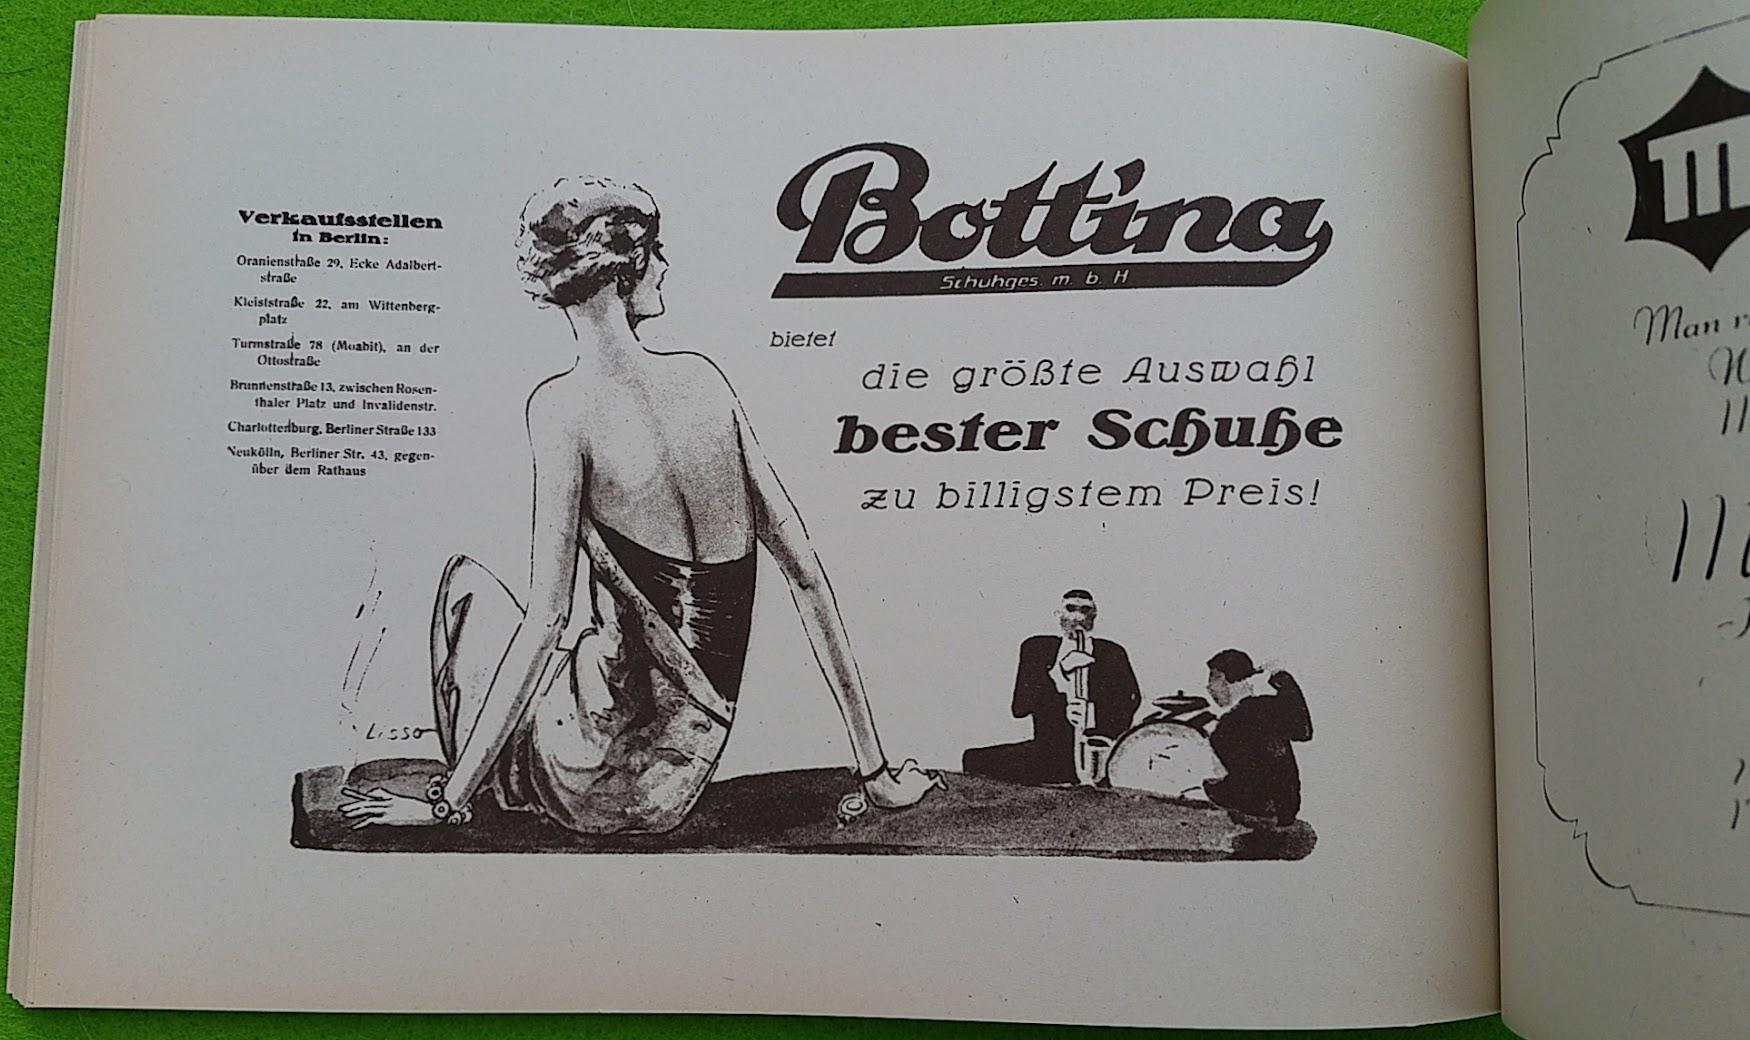 Begleitheft zur Eröffnung von Haus Vaterland am Potsdamer Platz, Berlin, 31. August 1928 - Bottina Schuhe